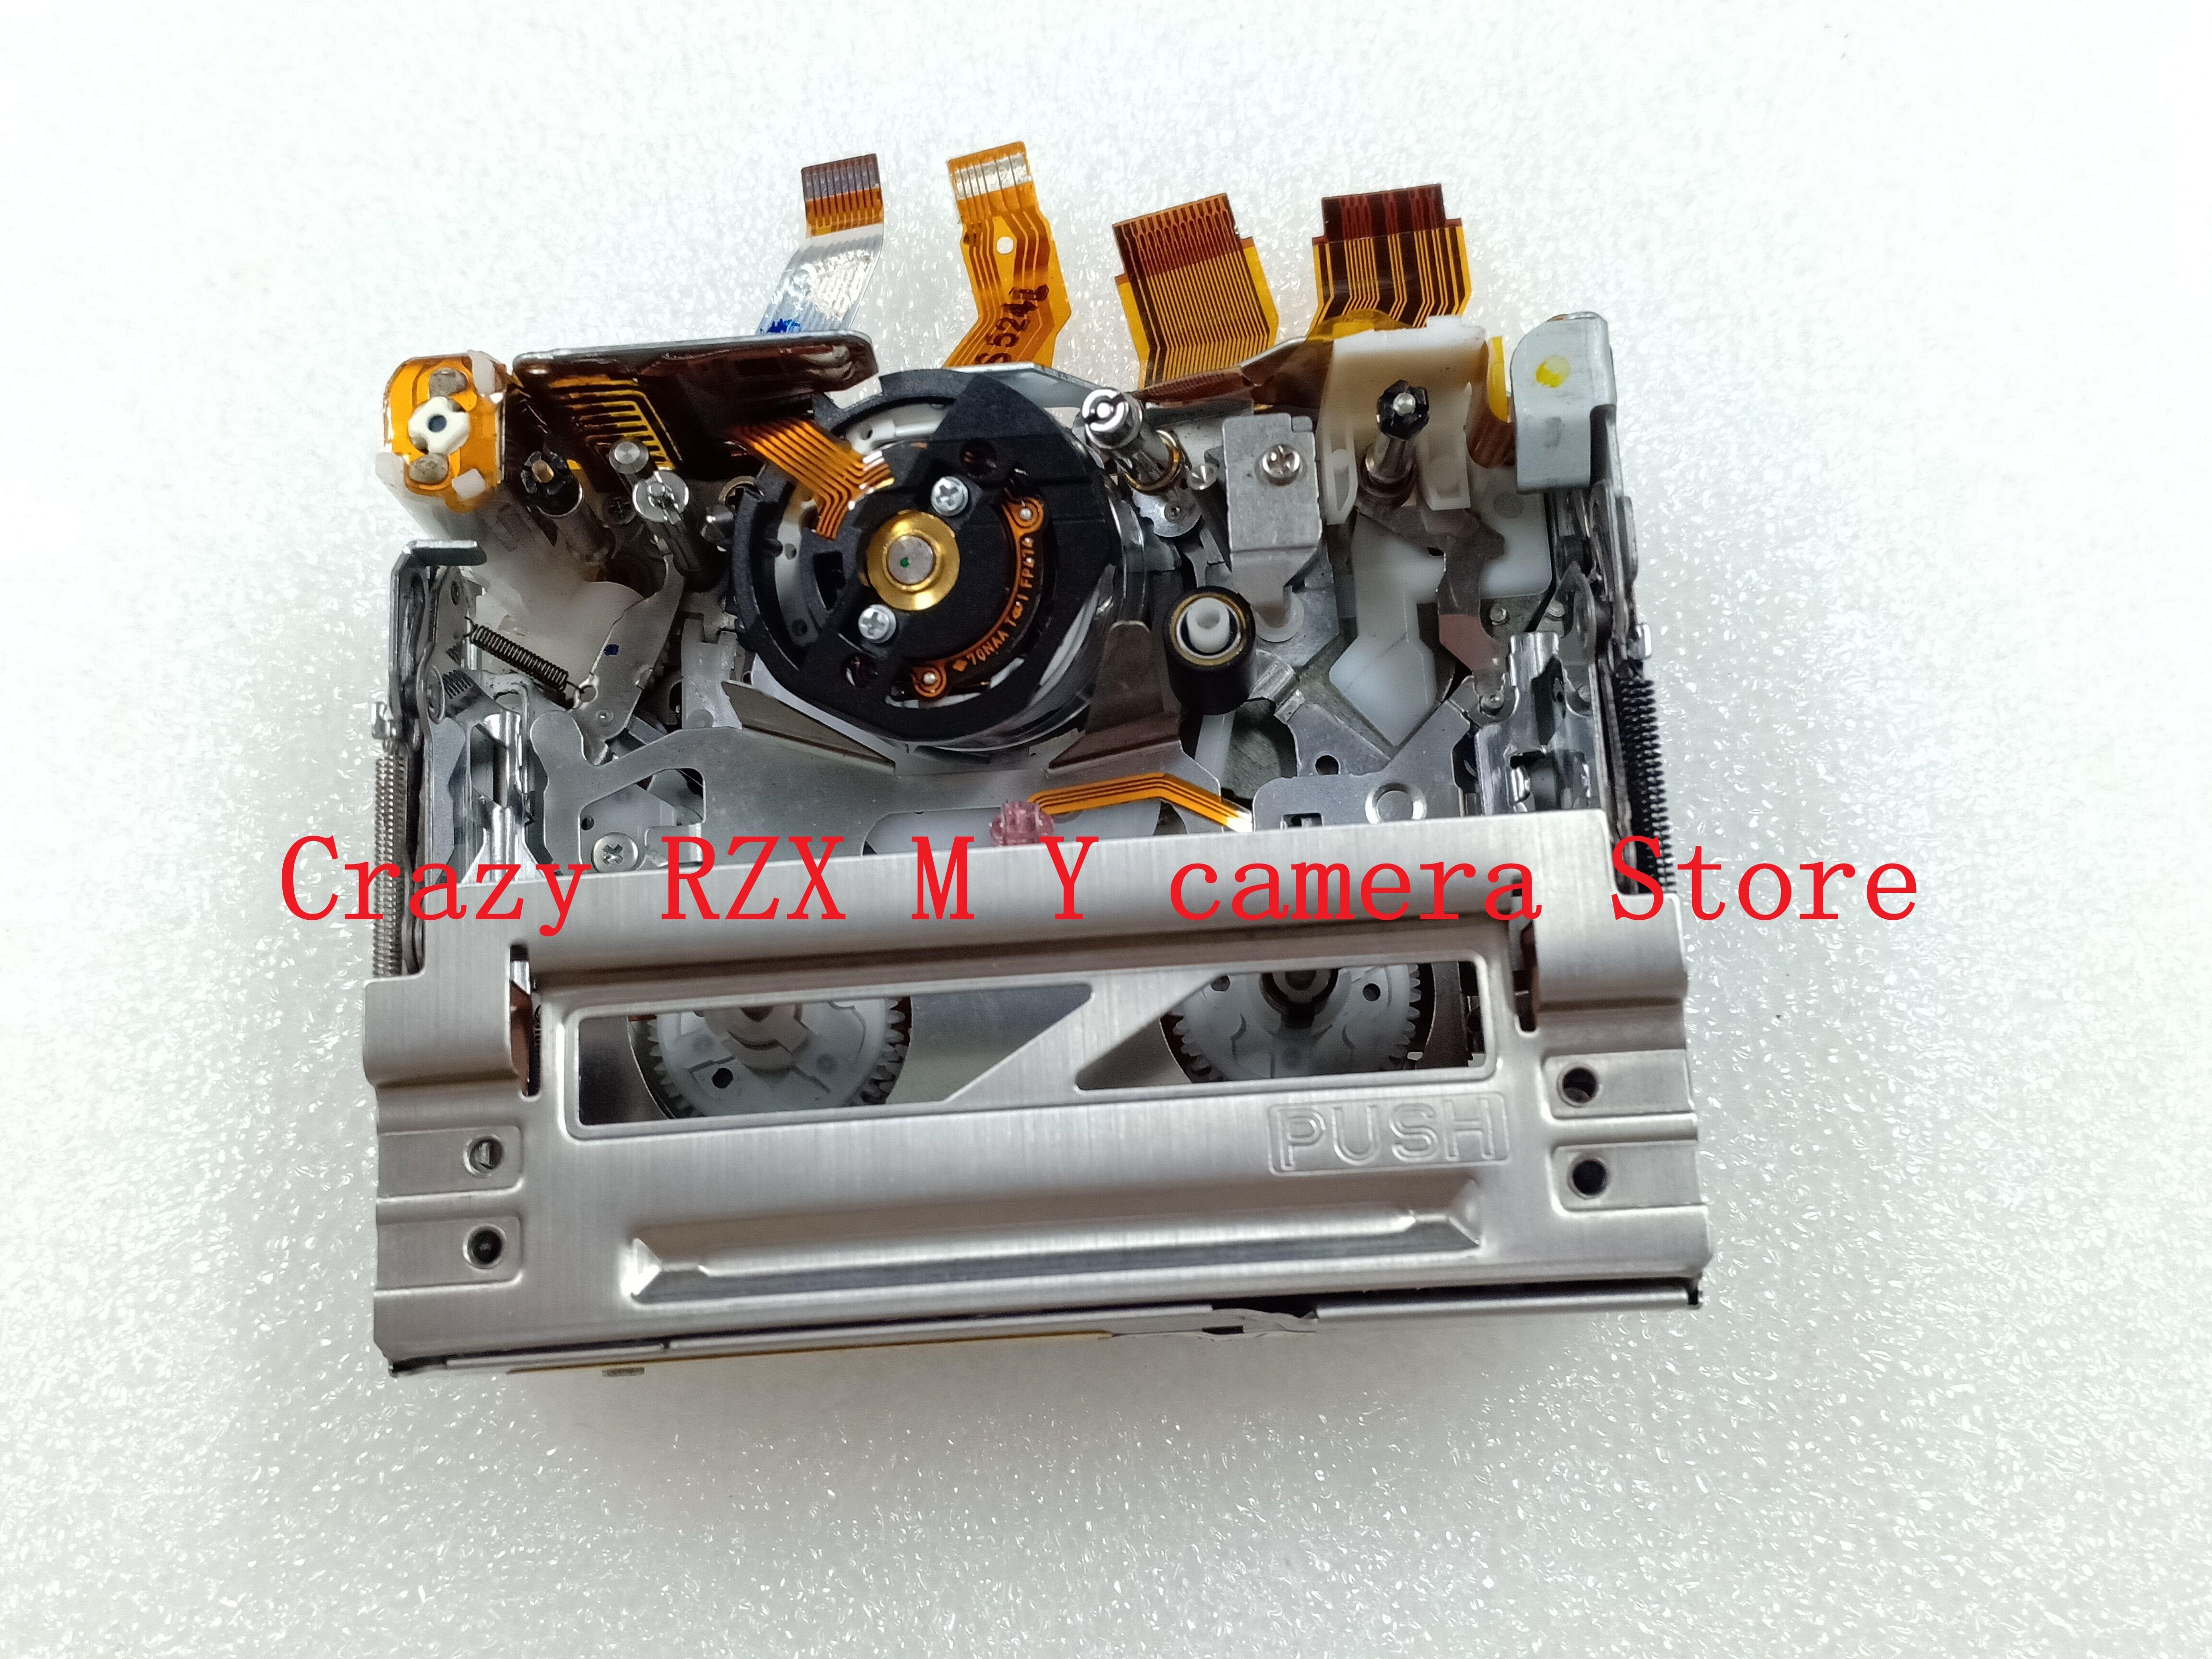 الأصلي FX1E آلية لسوني FX1 مع طبل fx1 كاميرا إصلاح جزء